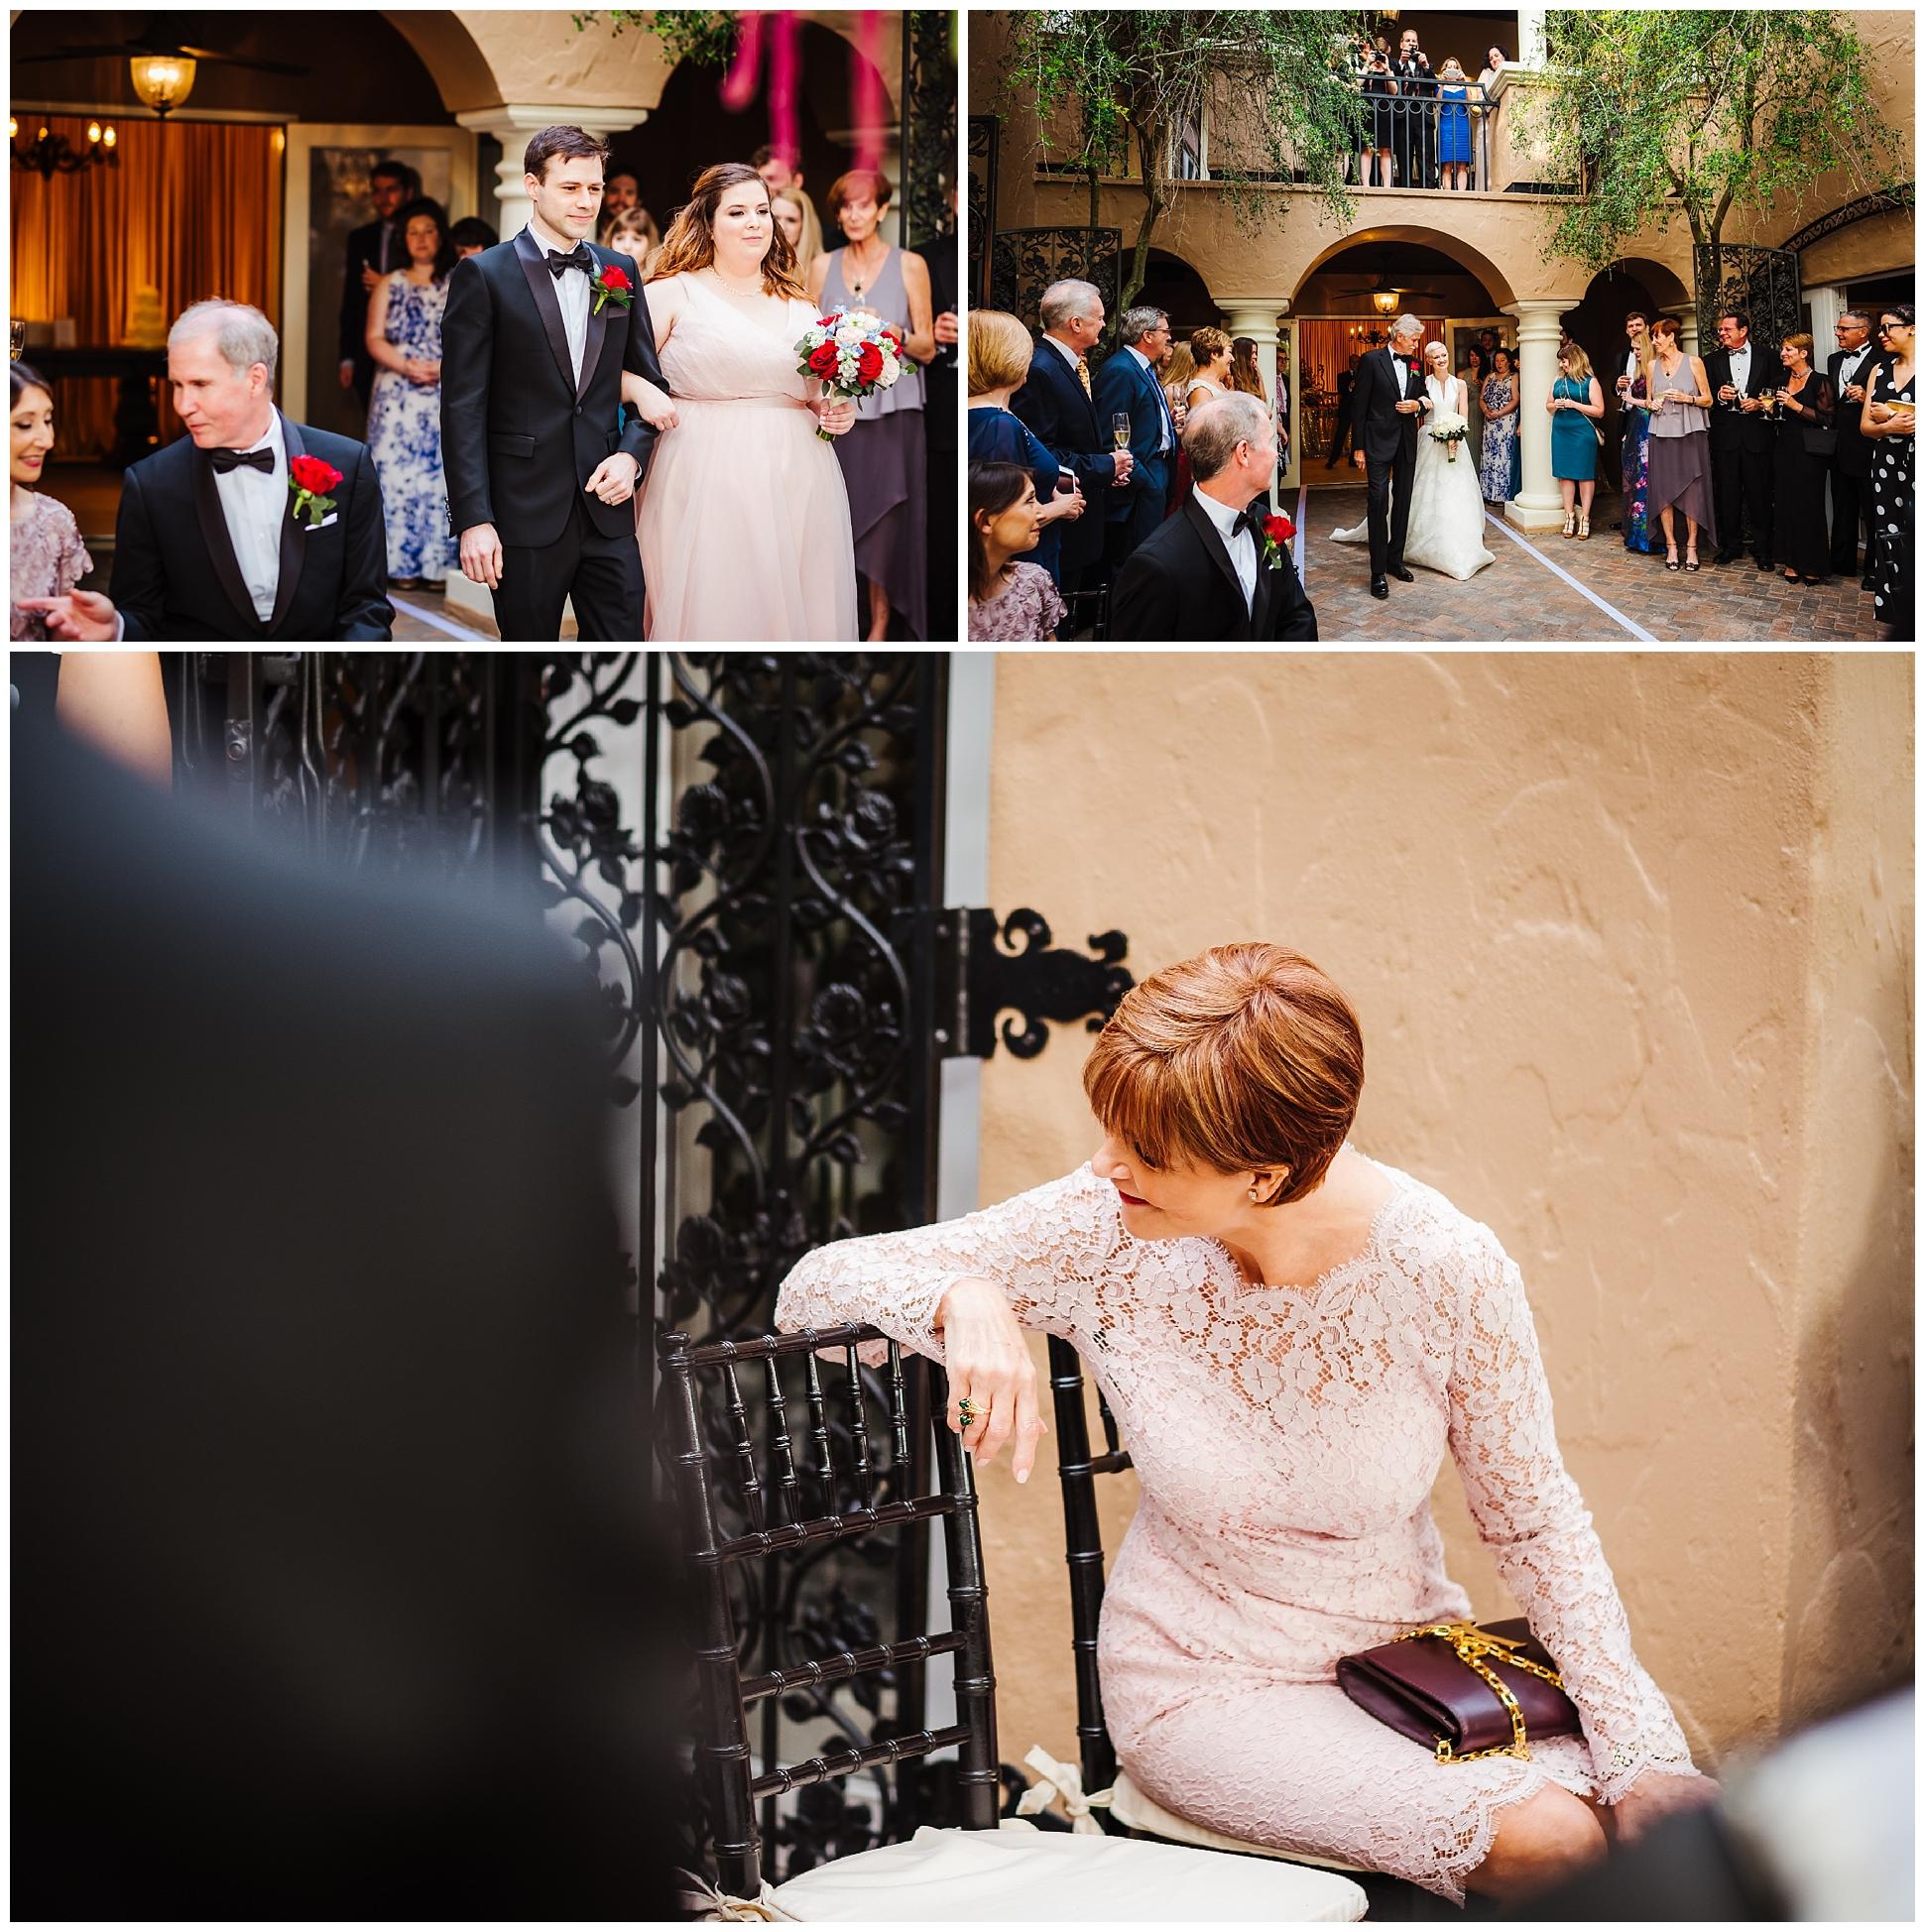 tierra-verde-st-pete-florida-home-luxury-wedding-greenery-pink-pixie-bride_0055.jpg